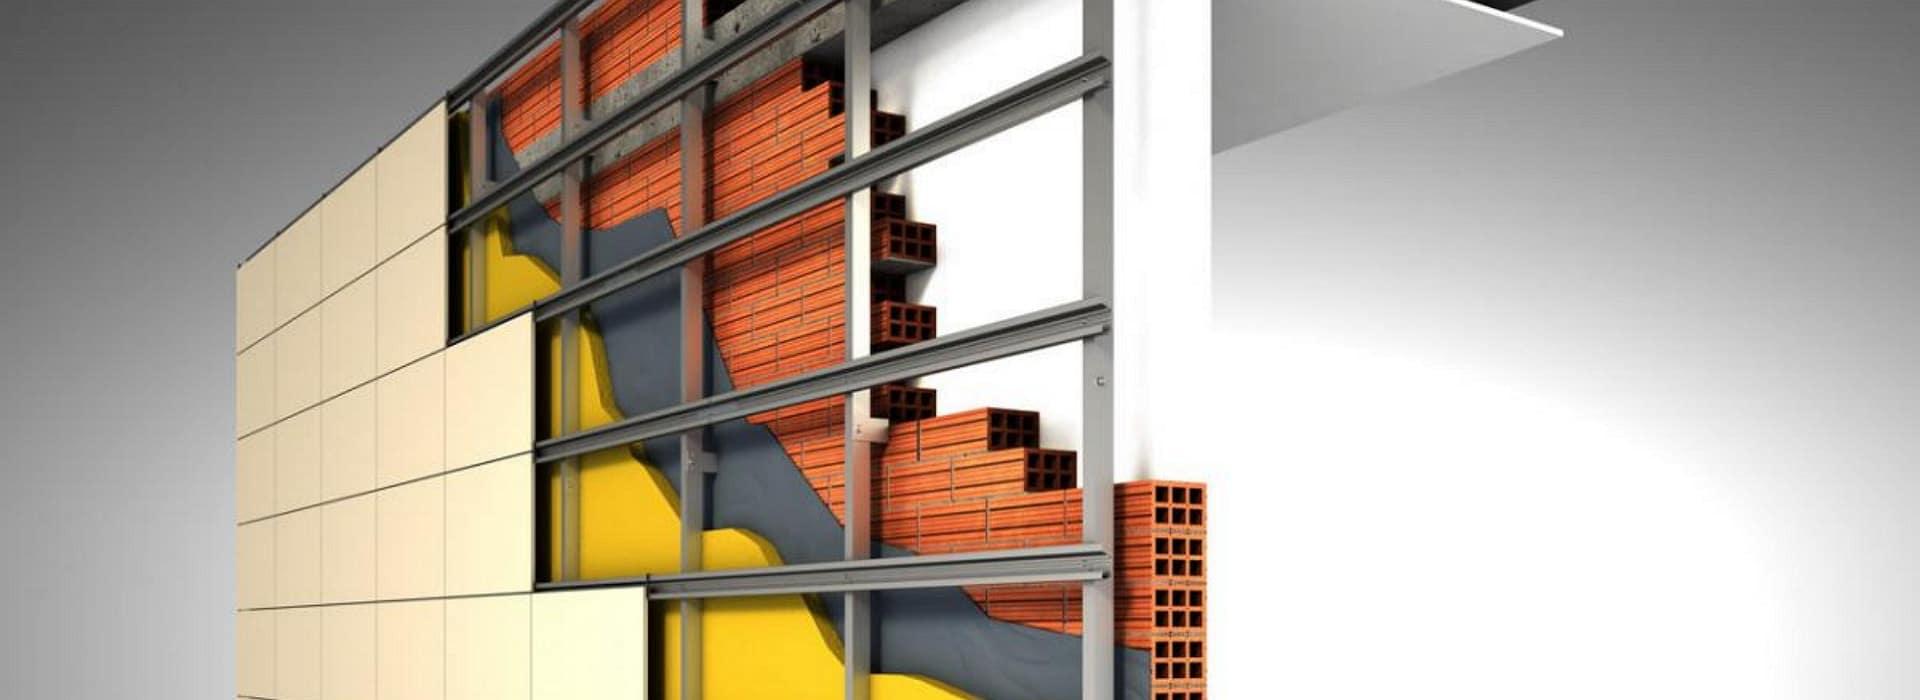 навесные вентилируемые фасады фото 1